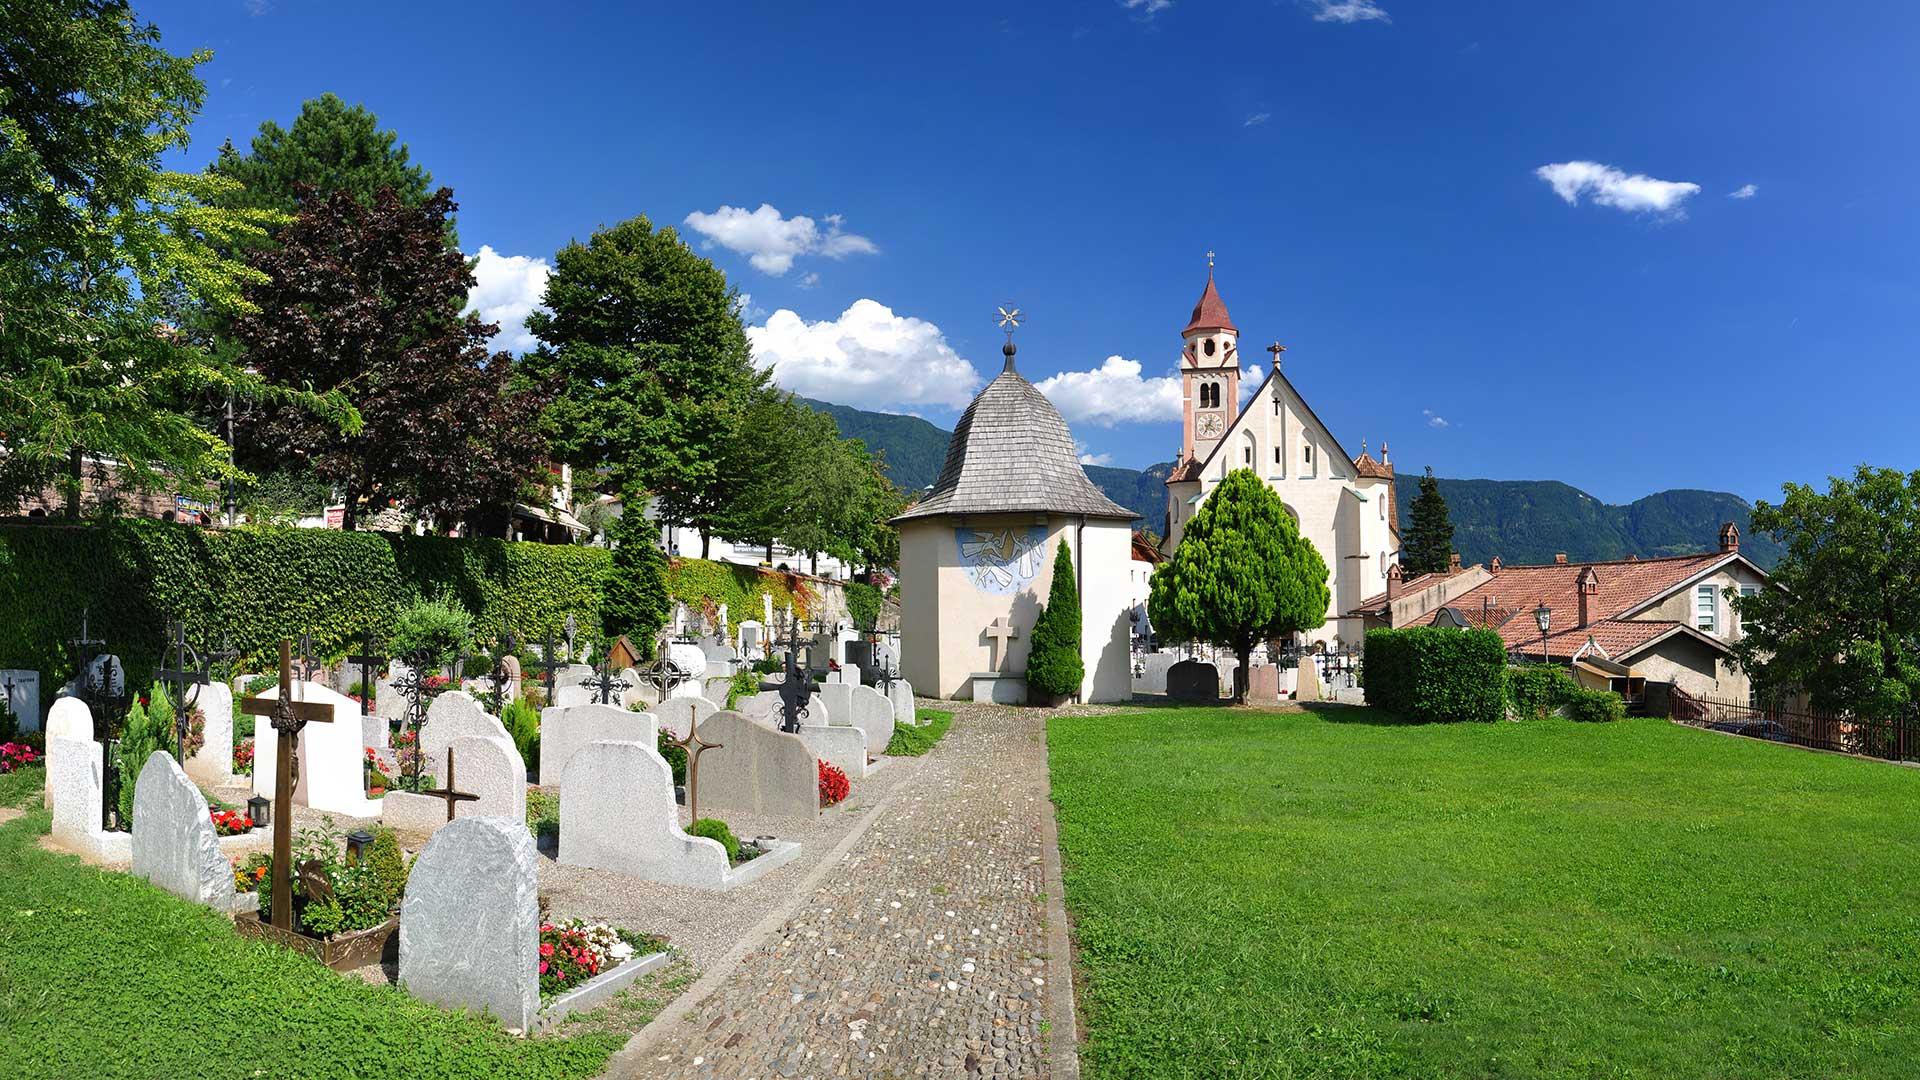 Kirche von Dorf Tirol